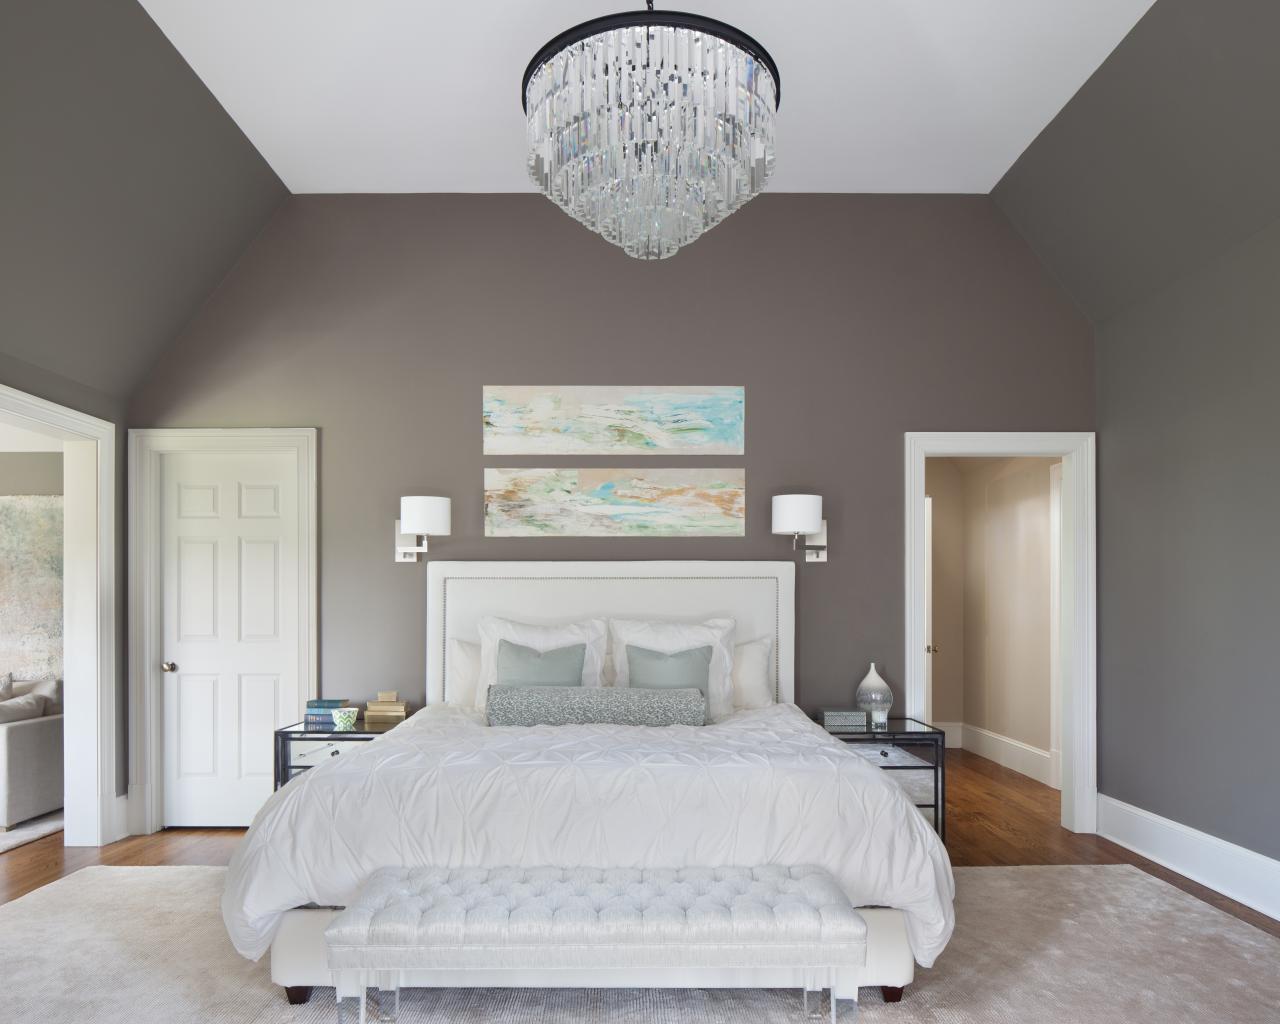 بهترین رنگ اتاق خواب از نظر روانشناسی